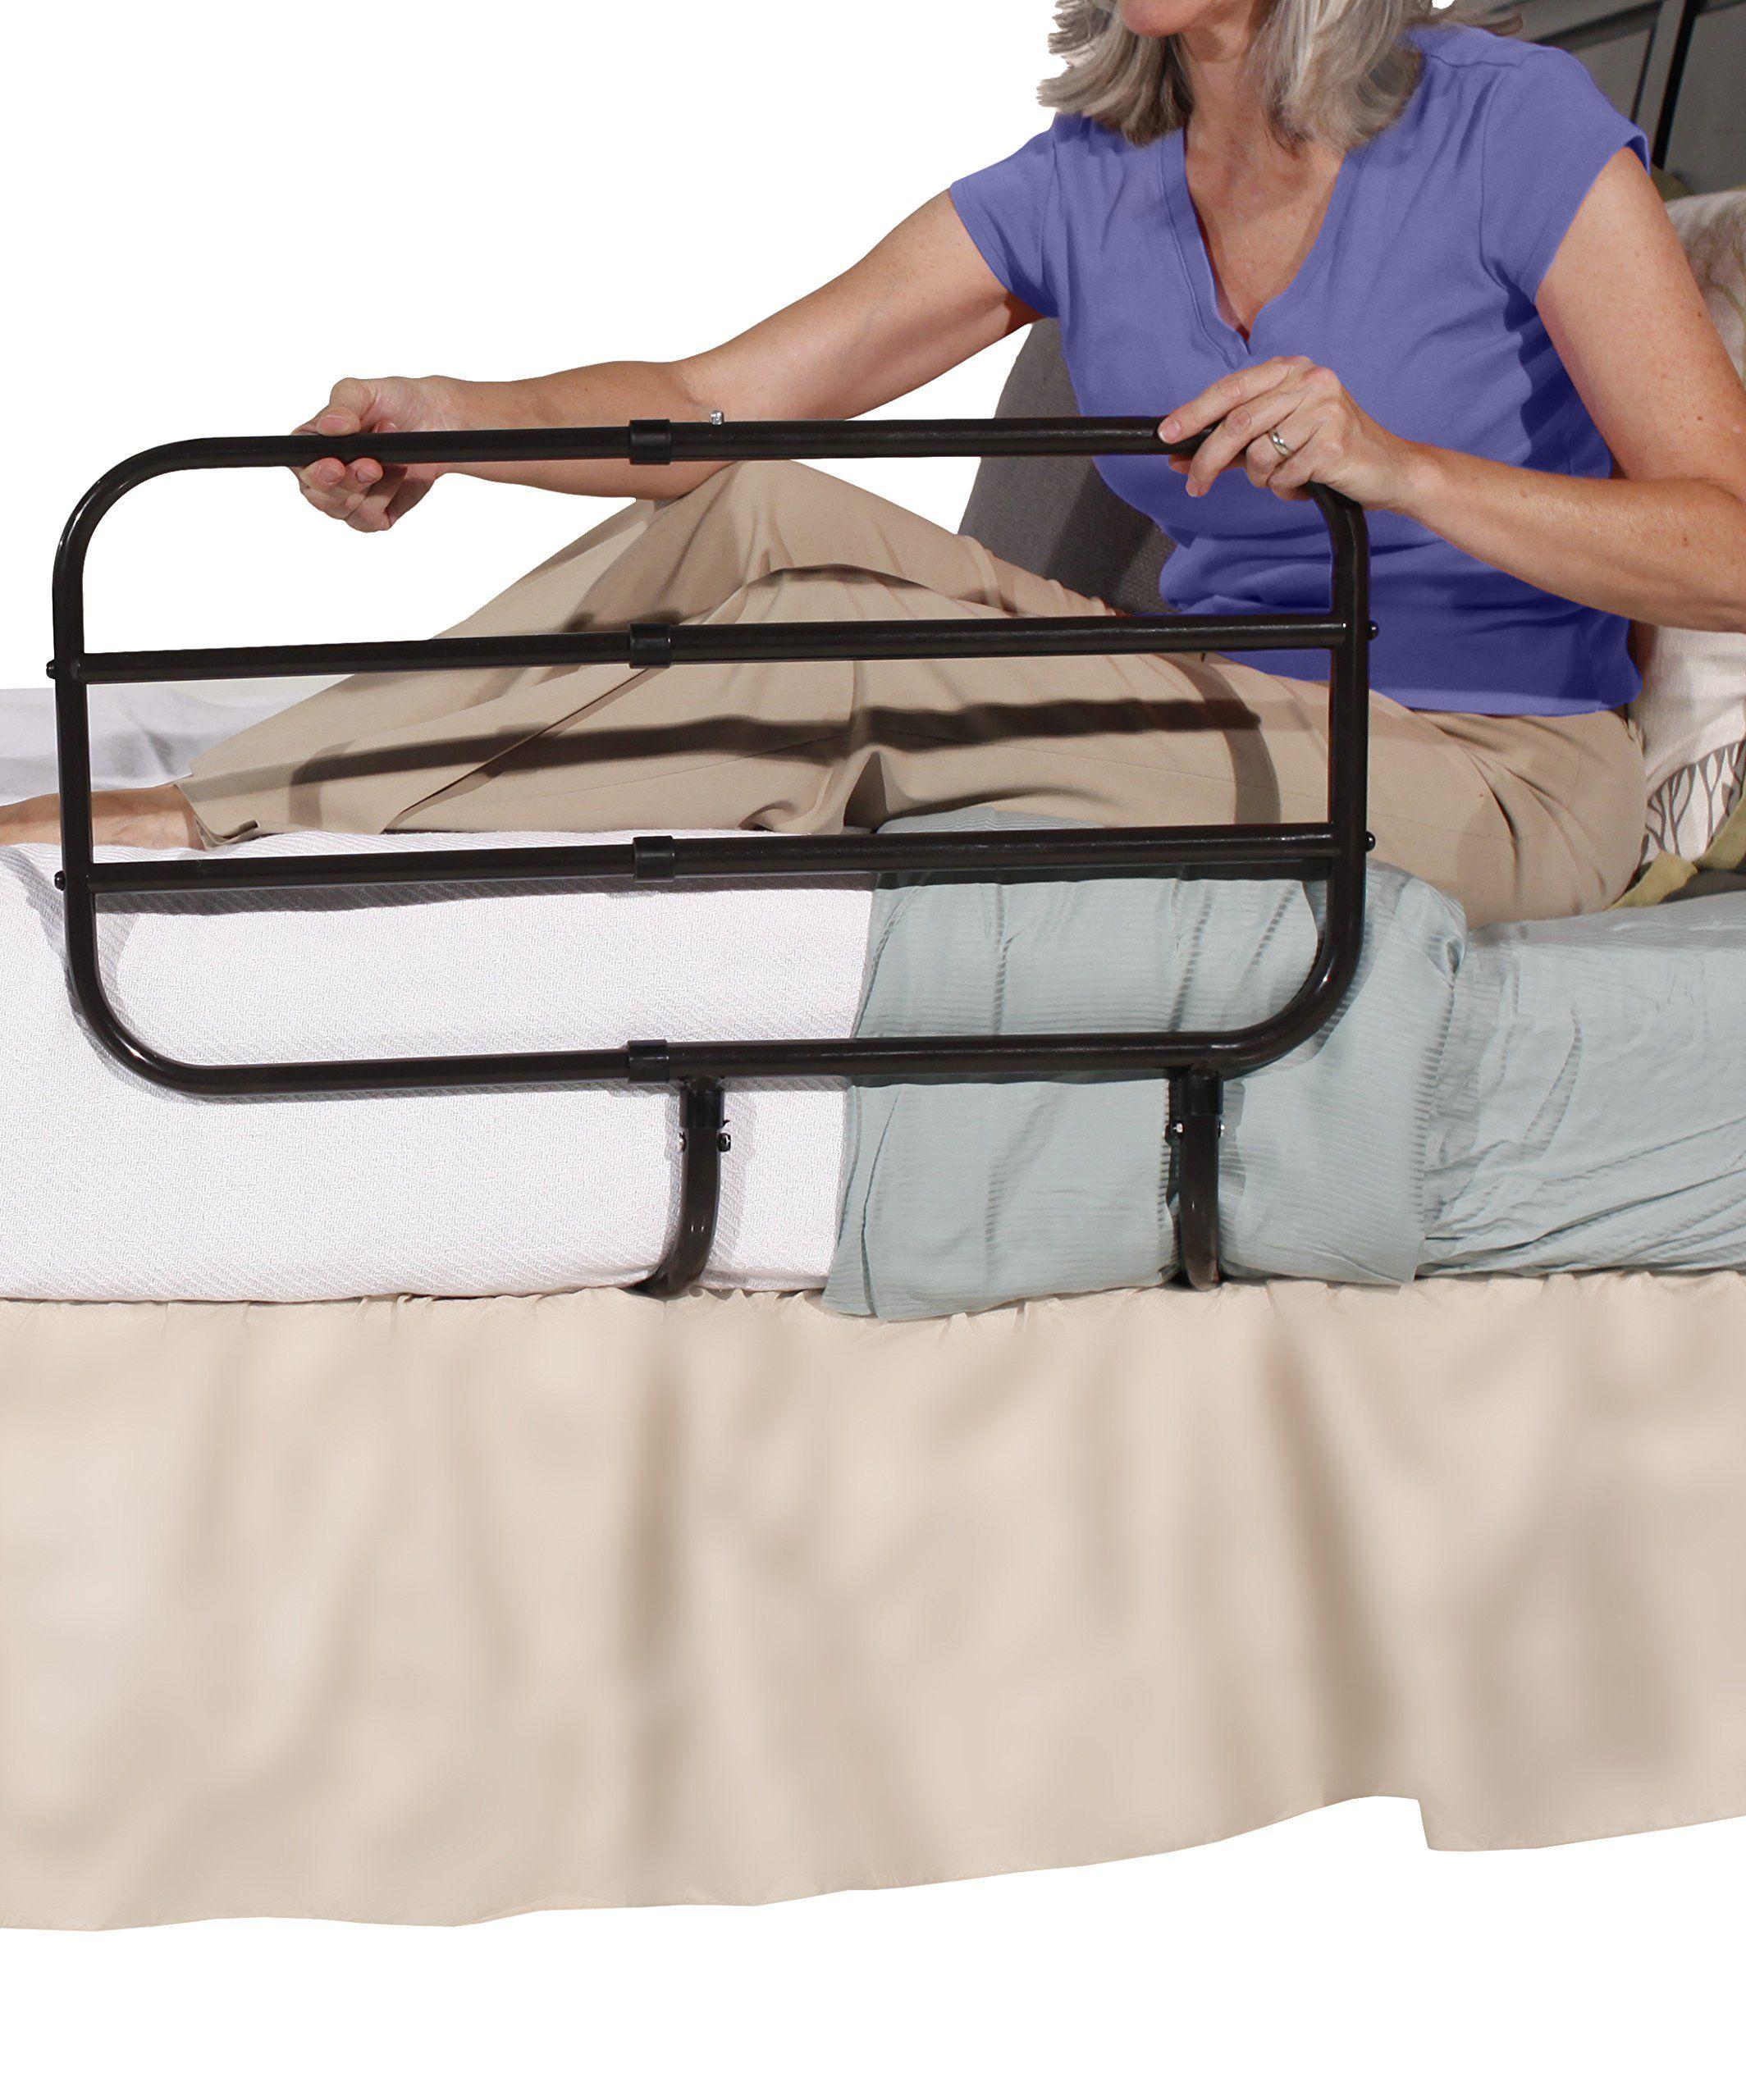 foam elderly ebay for with armrests toilet rails safety bed frame medline itm